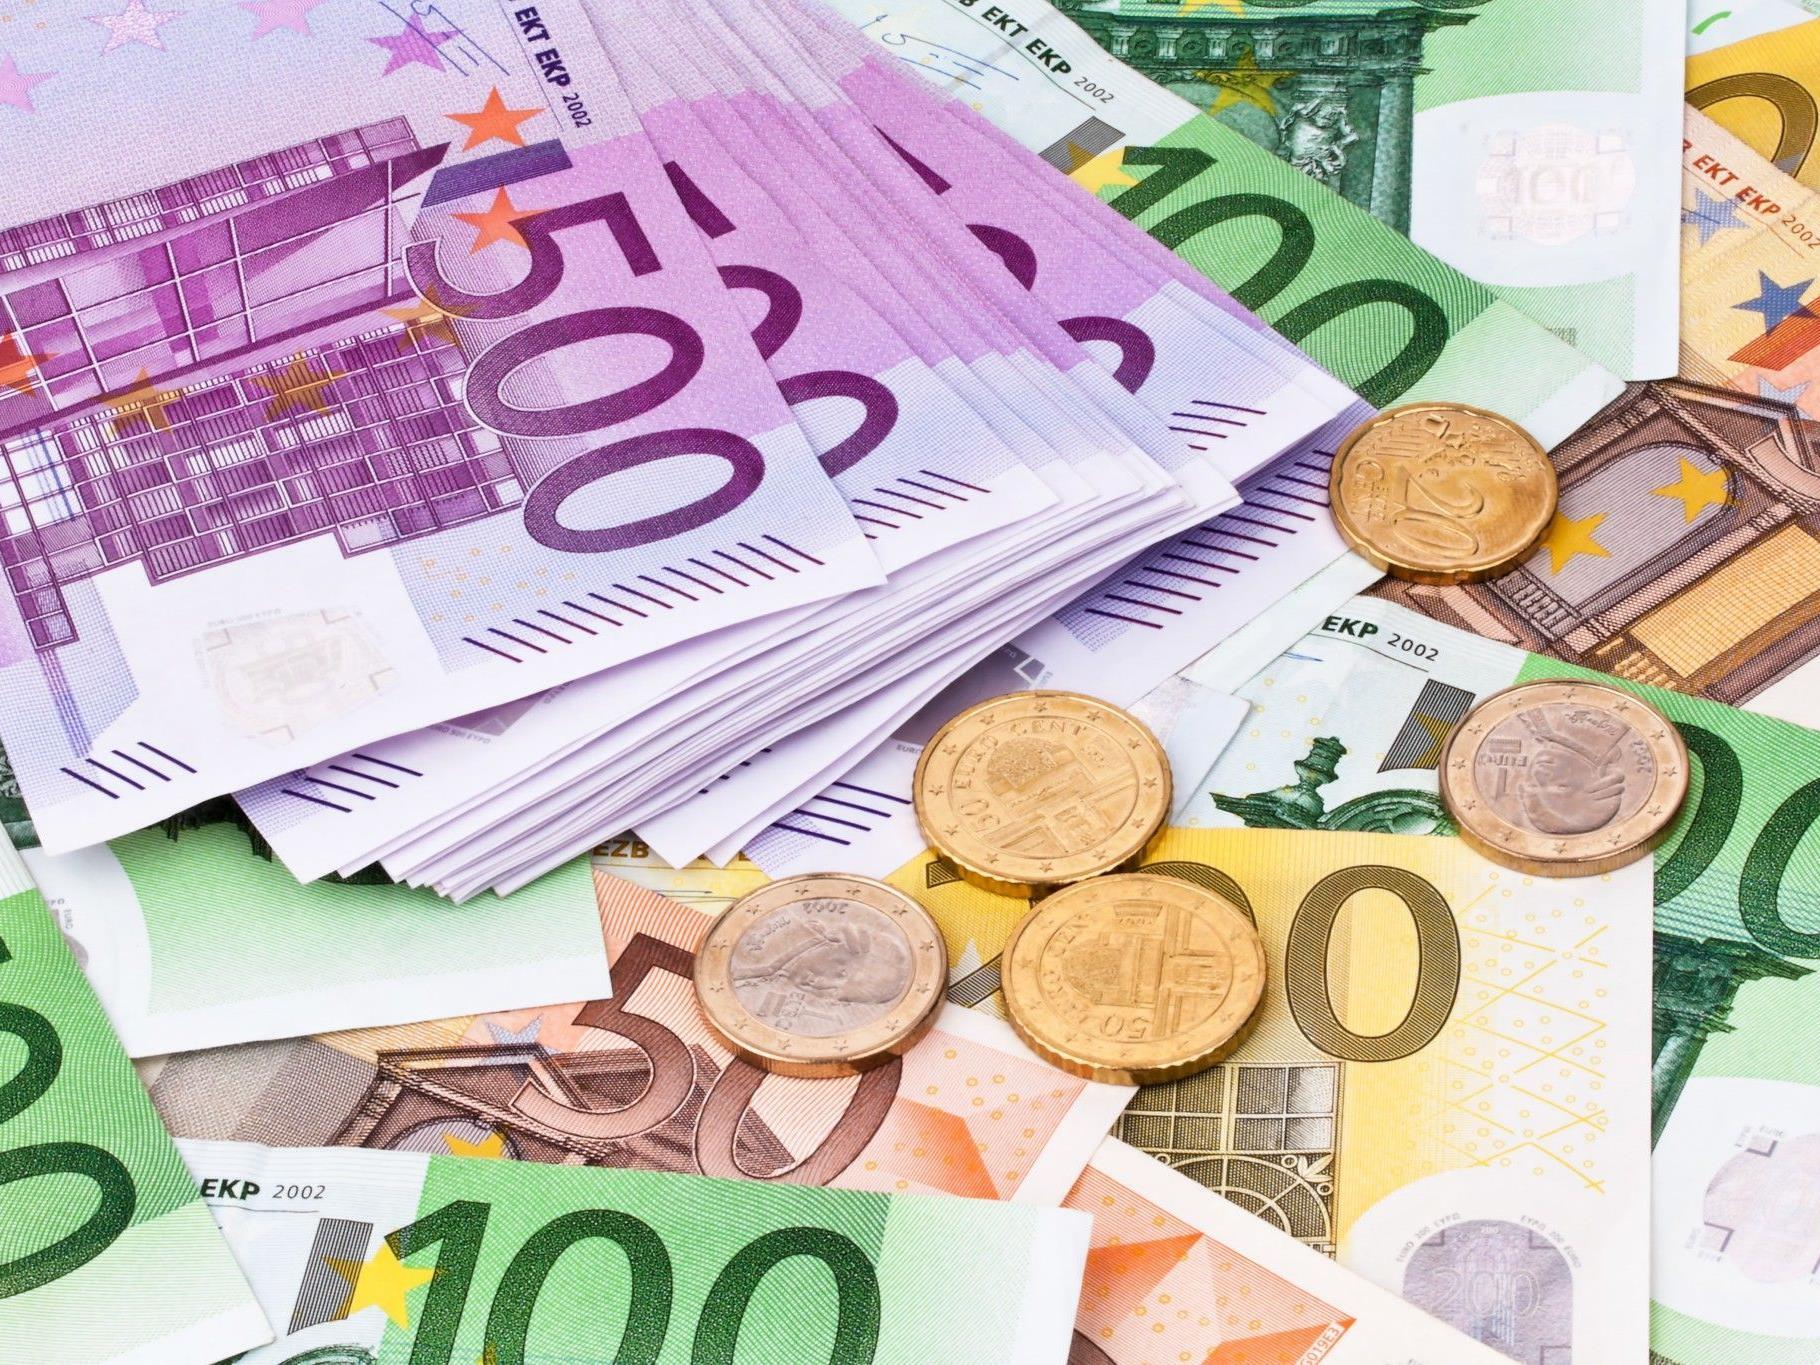 Die Schweiz verkaufte Euro im Wert von 51,6 Milliarden Franken - und niemand merkte es